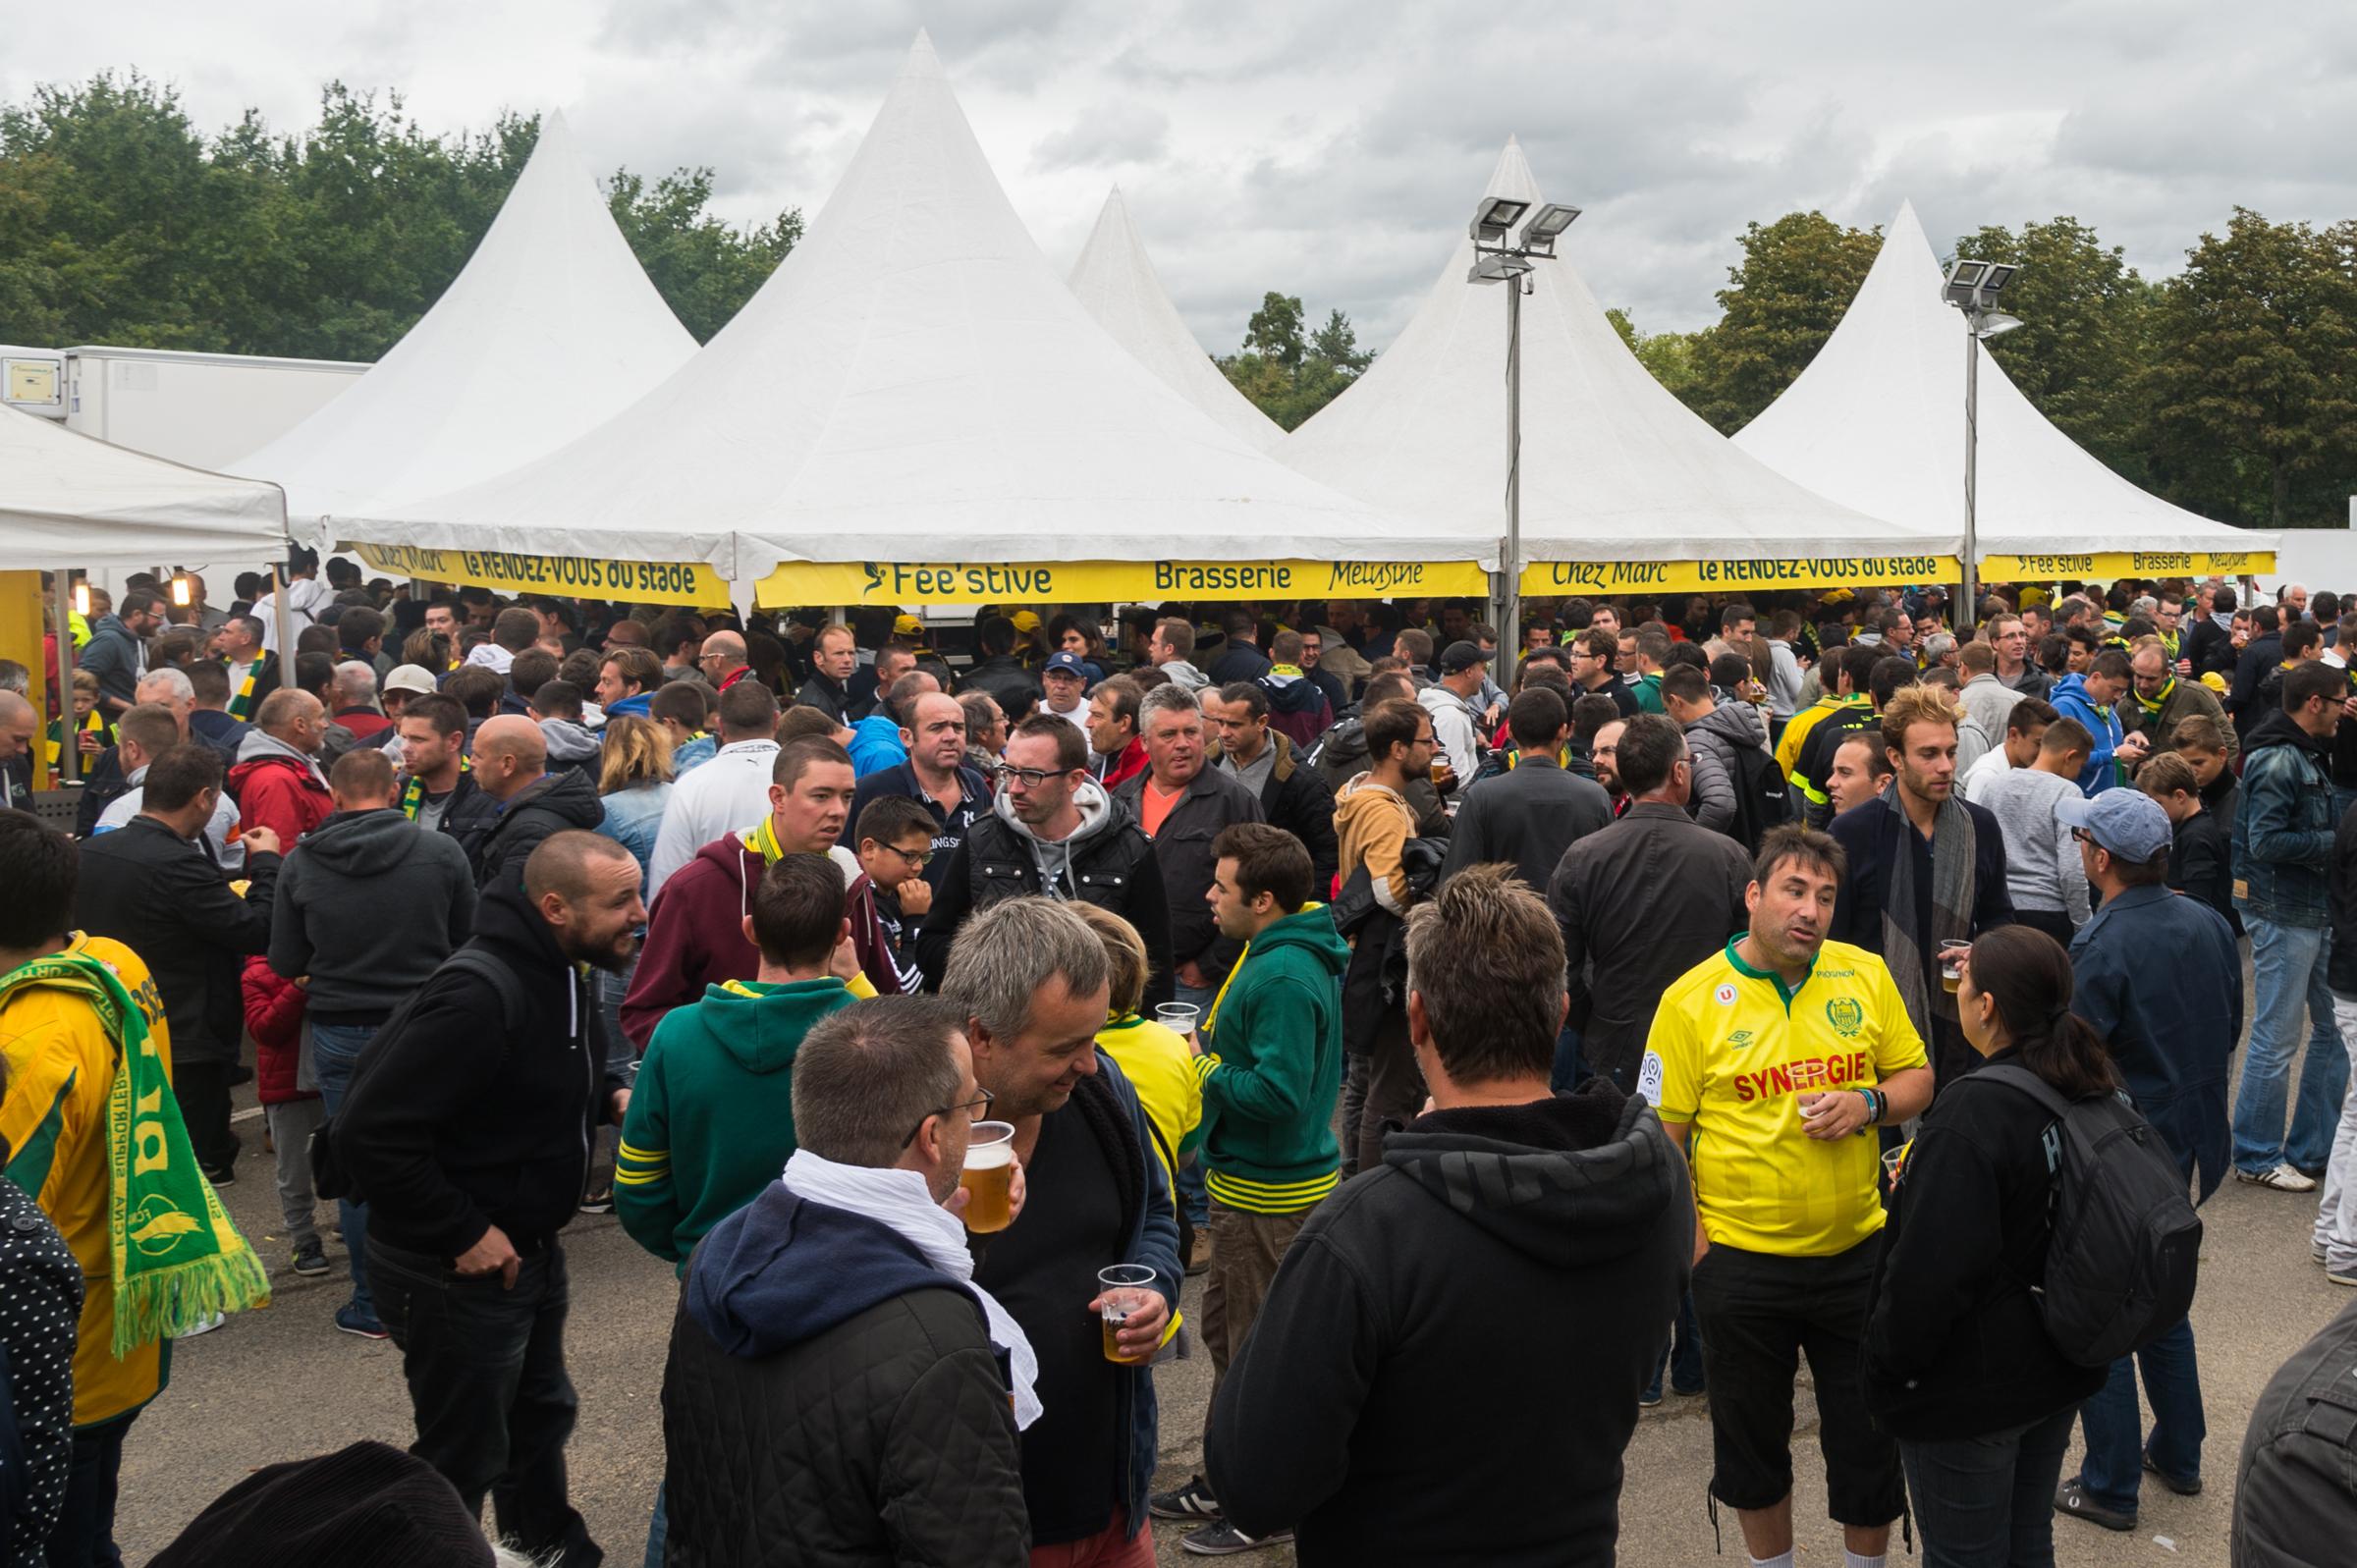 Commerçants ambulants du stade de la Beaujoire : notre réaction